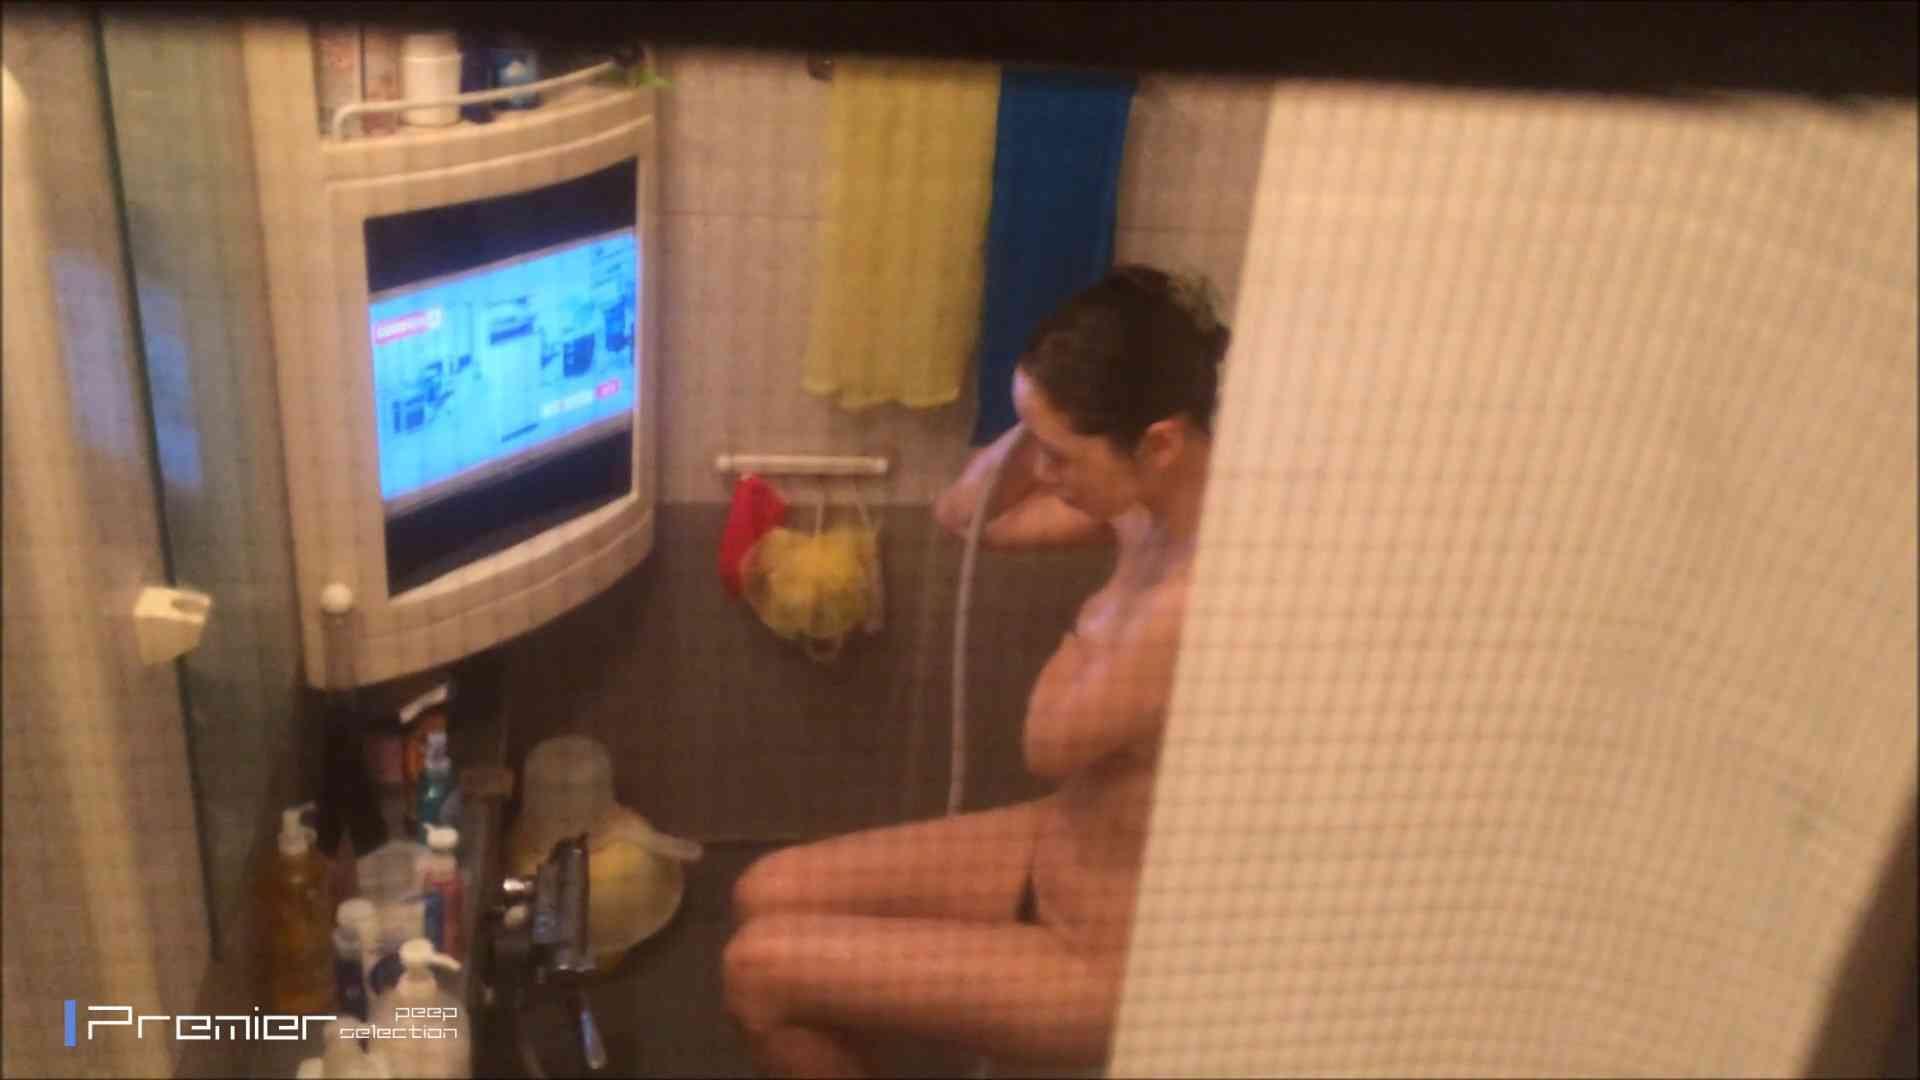 美女のテレビを見ながらの入浴 乙女の風呂場 Vol.21 入浴中のオンナ 盗撮われめAV動画紹介 30pic 17